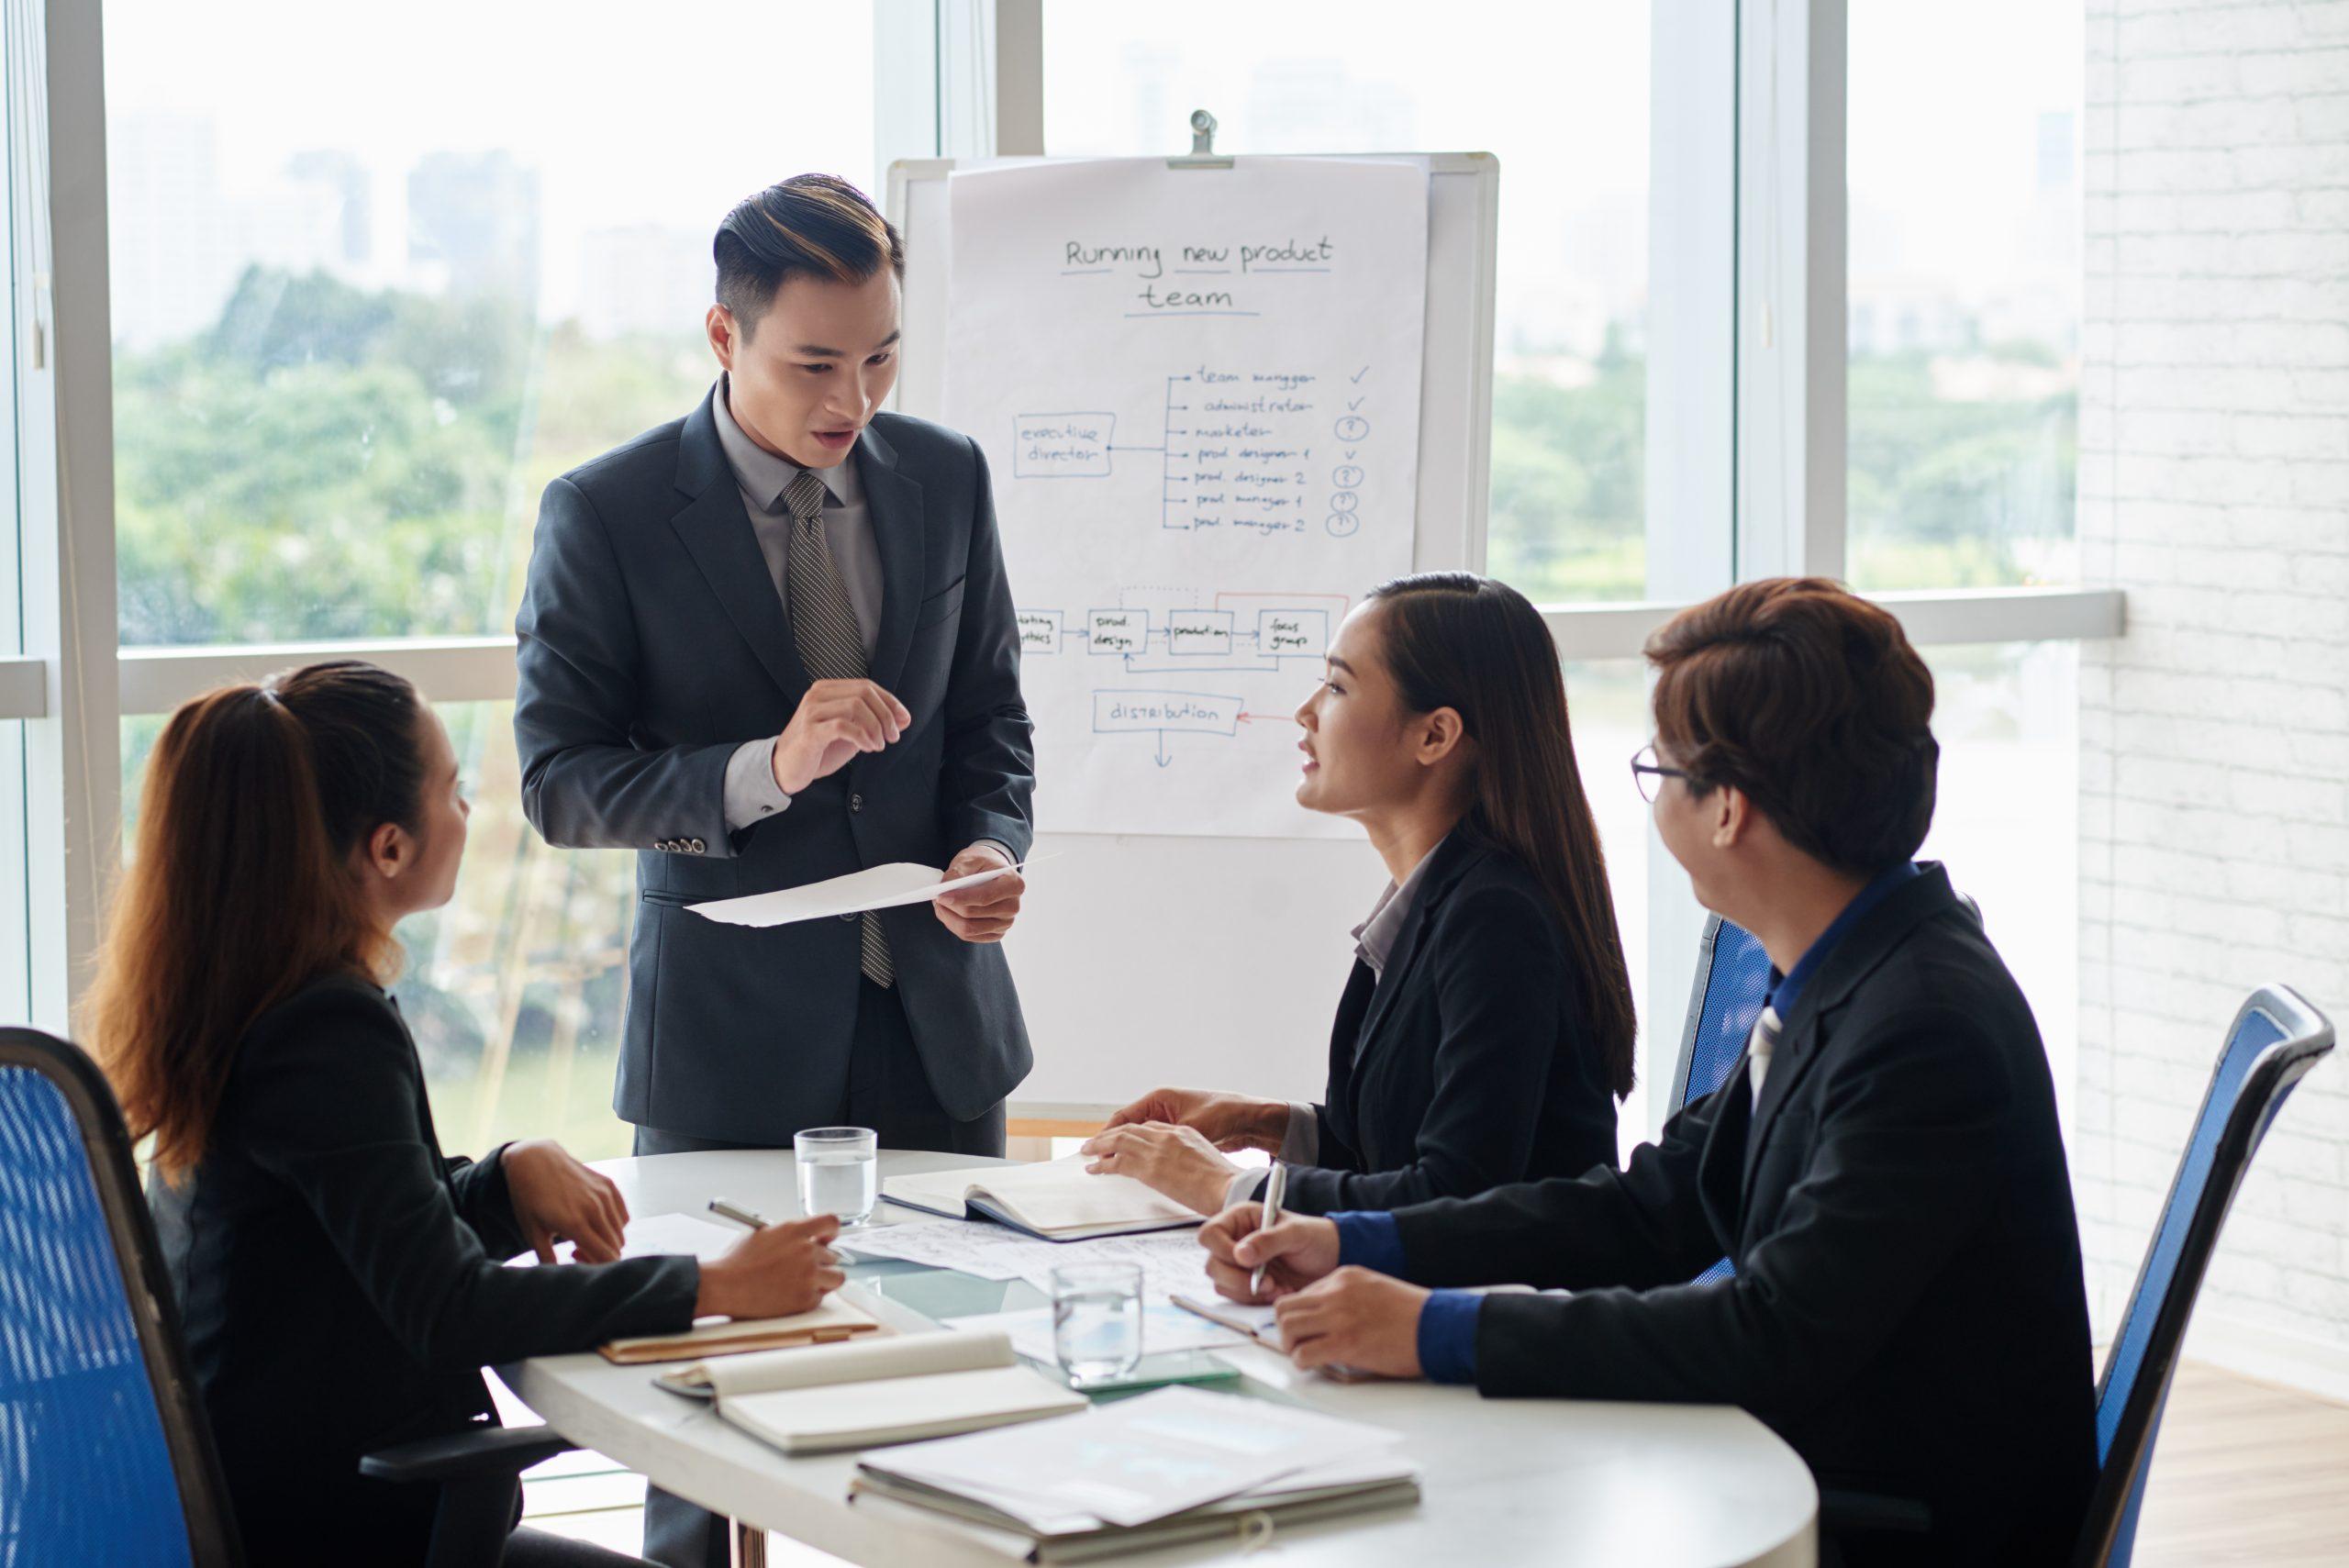 So sánh NetSuite ERP và SAP Business One: Đâu là sự lựa chọn phù hợp cho doanh nghiệp?